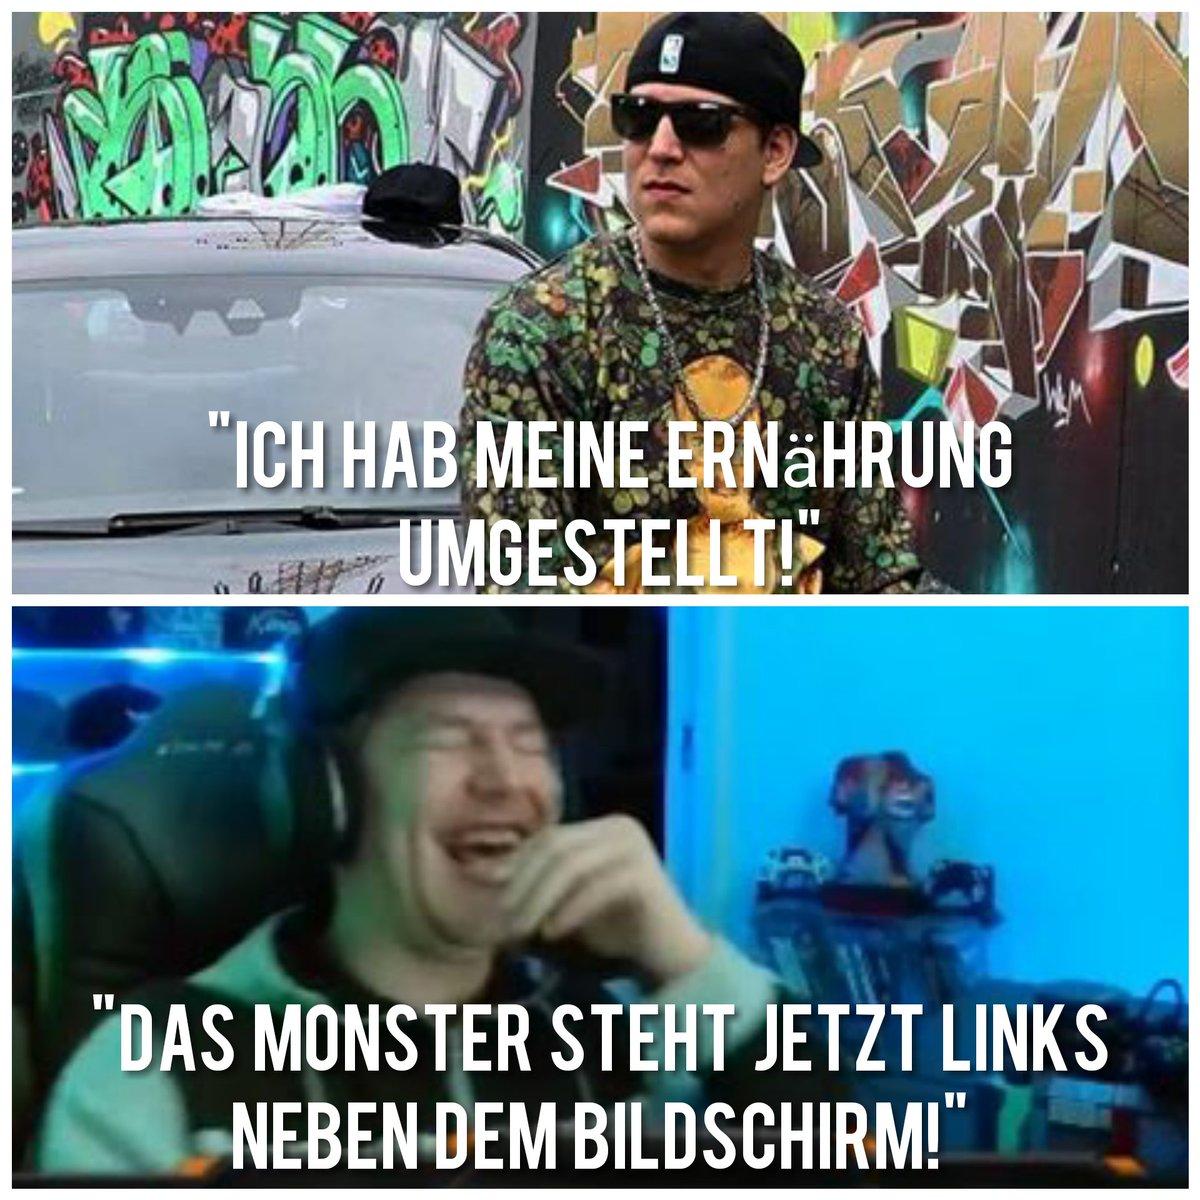 Lmao Deutsche Memes Lacher Memes Profile On Instagram Stories